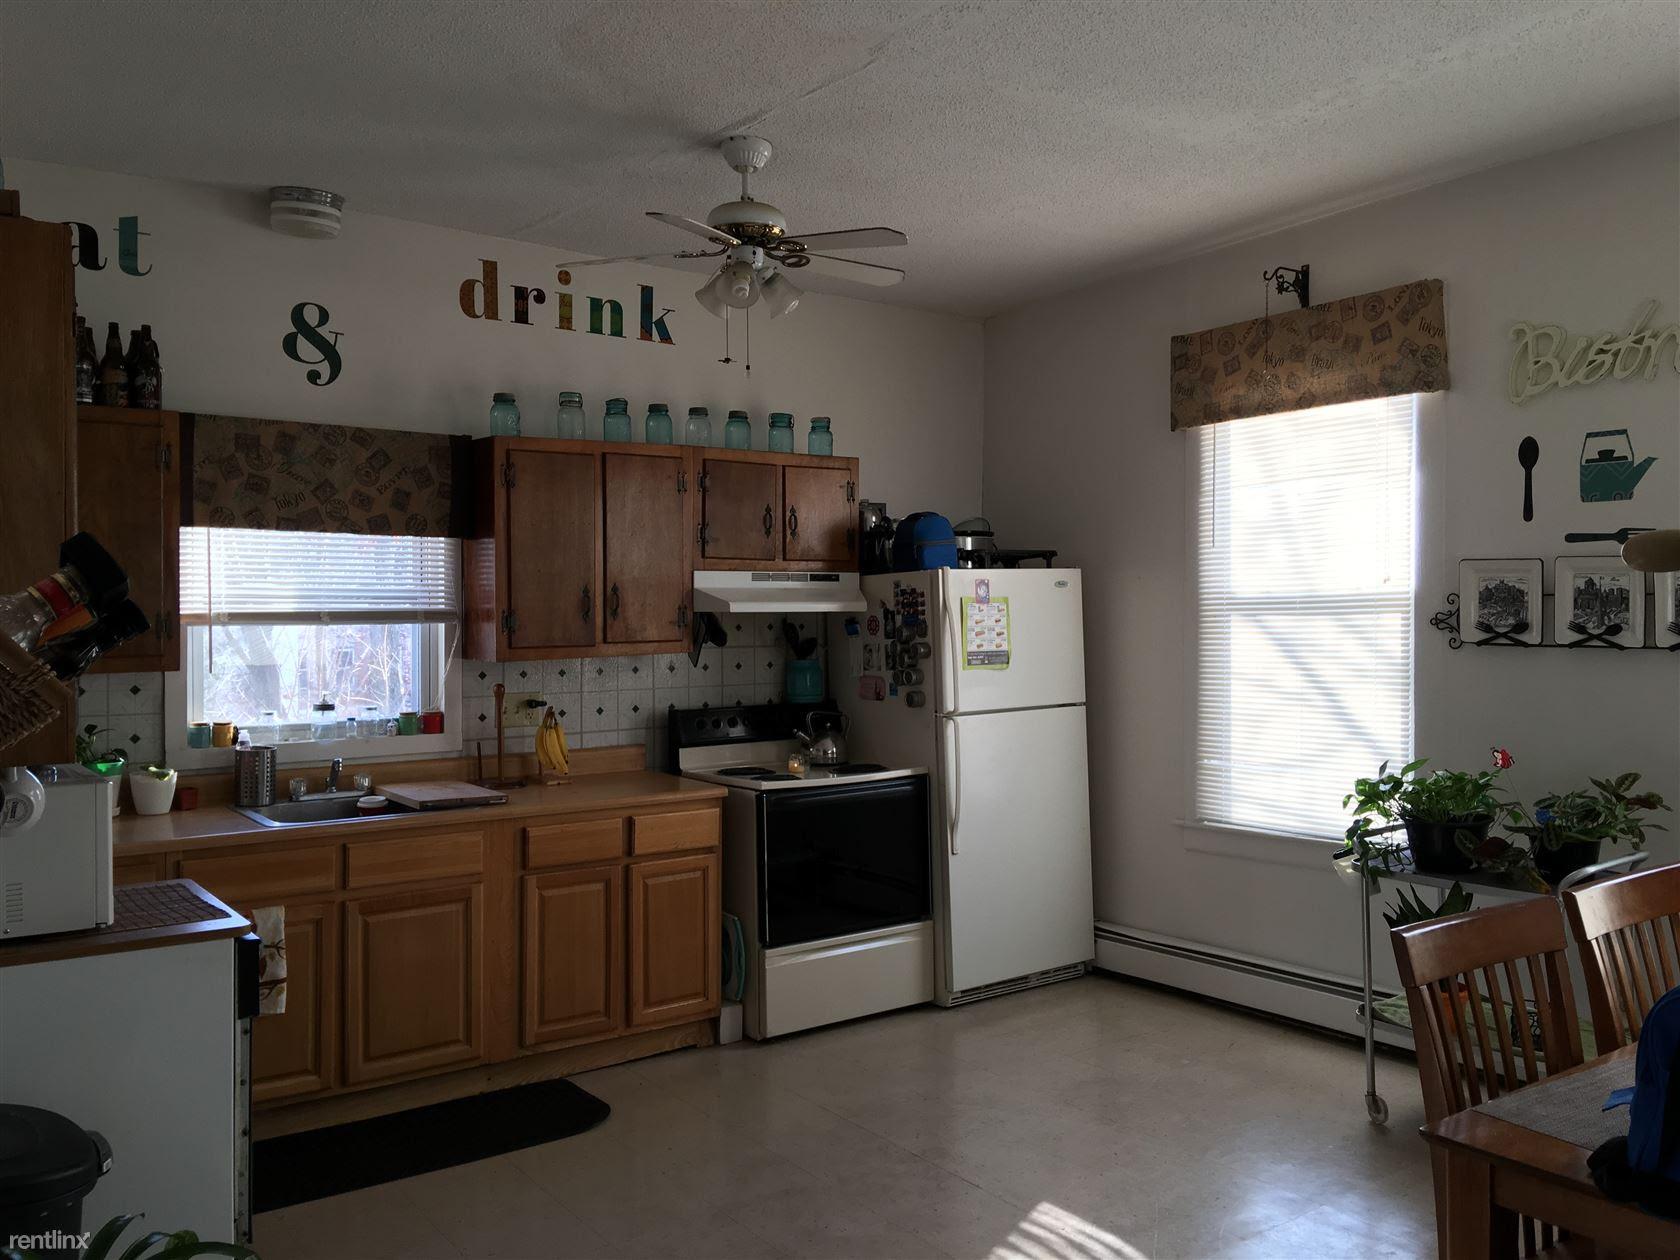 New Britain CT Condos For Rent Apartment Rentals Condocom